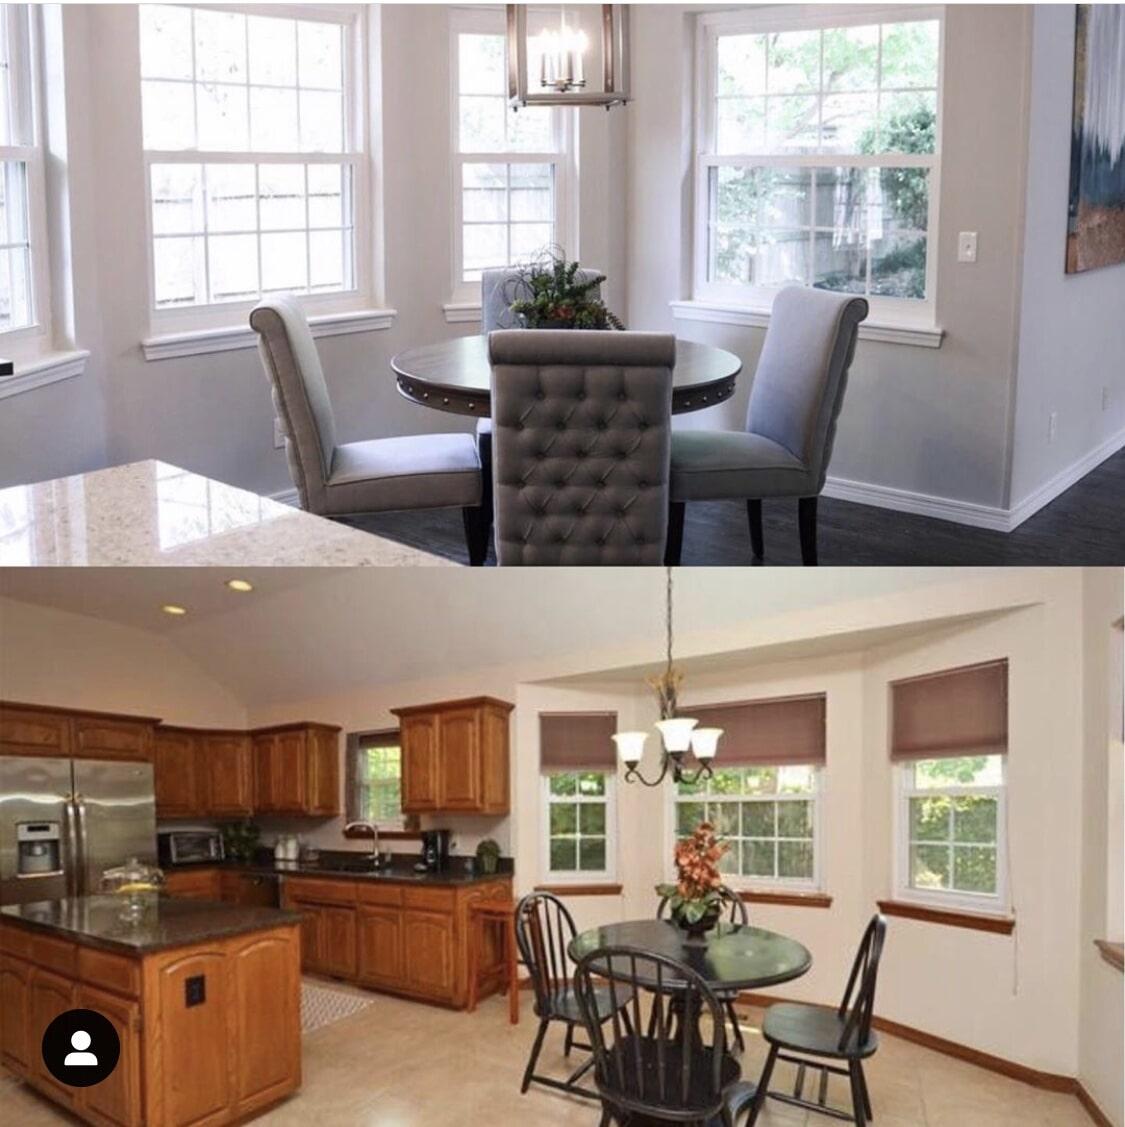 Kitchen remodel in Broken Arrow, OK from Superior Wood Floors & Tile